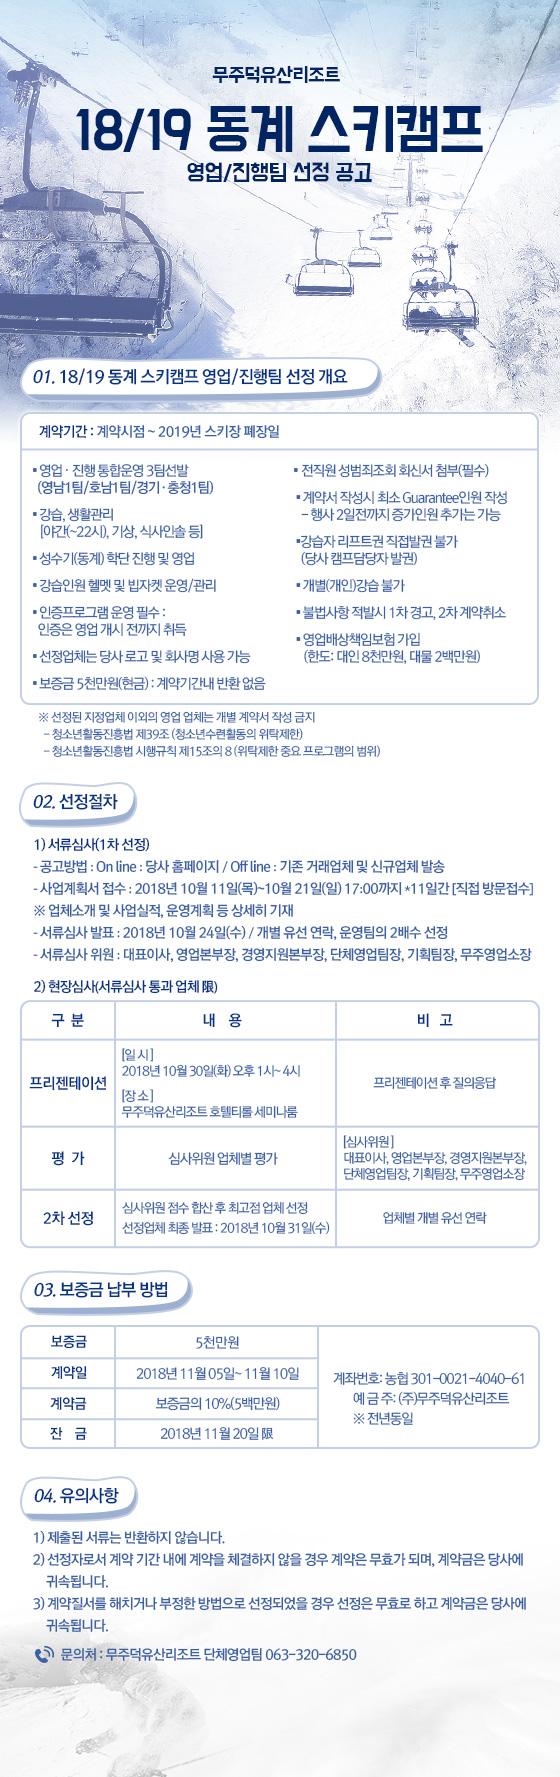 18/19 동계 스키캠프 선정 공고